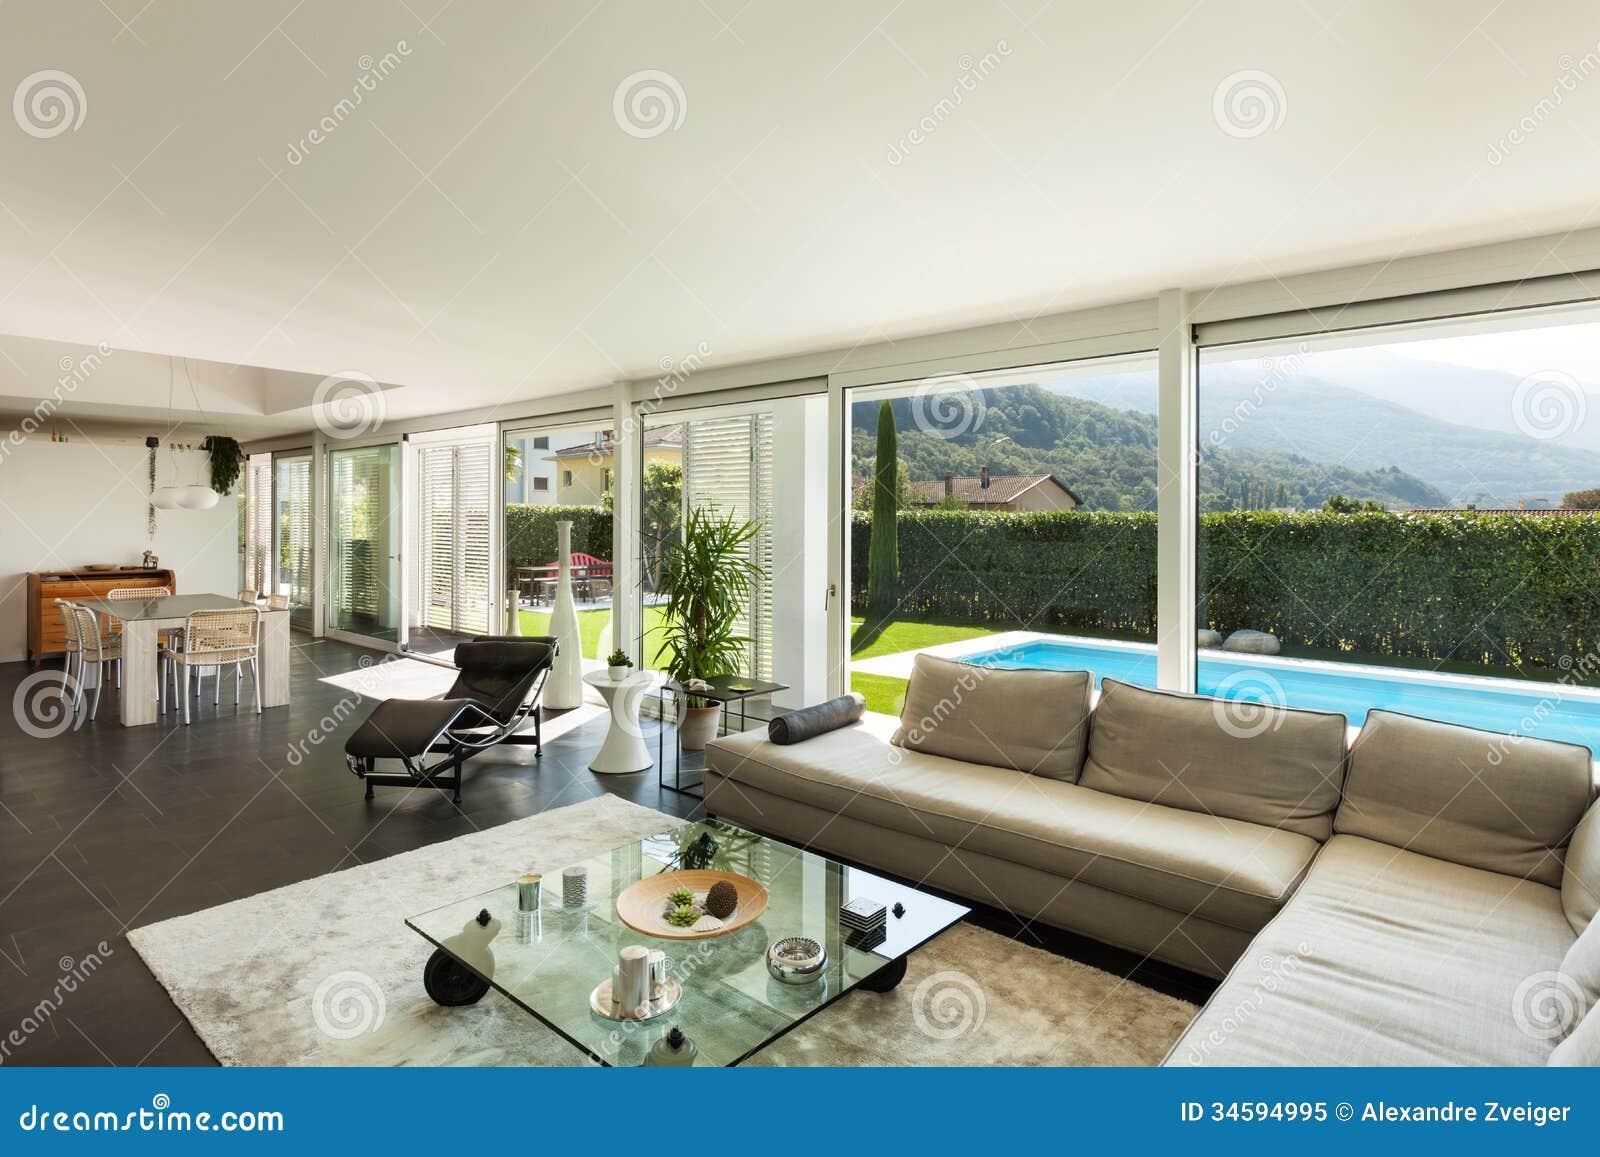 Modernes Landhaus Schöner Innenraum Stockbild Bild Von Möbel